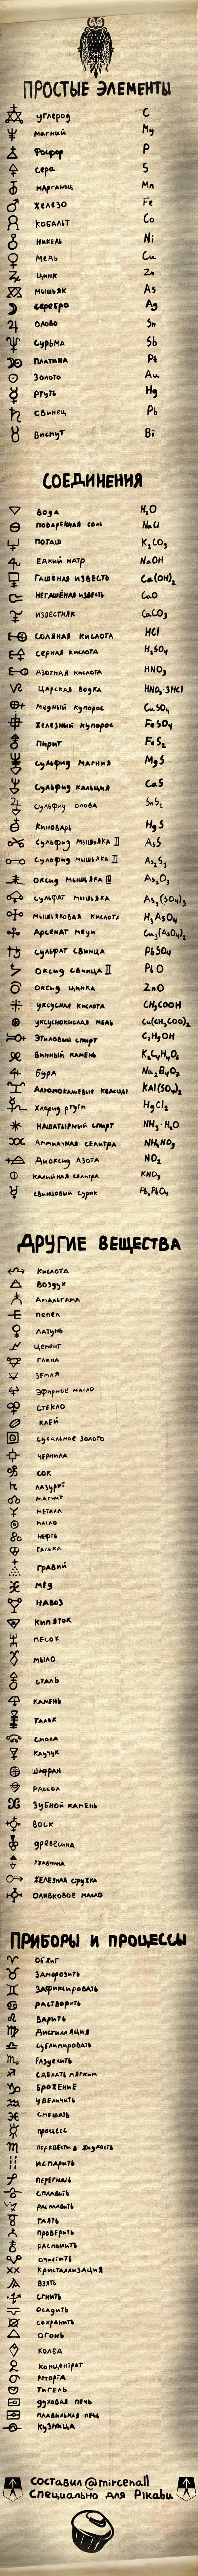 Алхимические символы веществ и процессов Химия, Алхимия, Лига химиков, Свитки, Элементы, Символ, Длиннопост